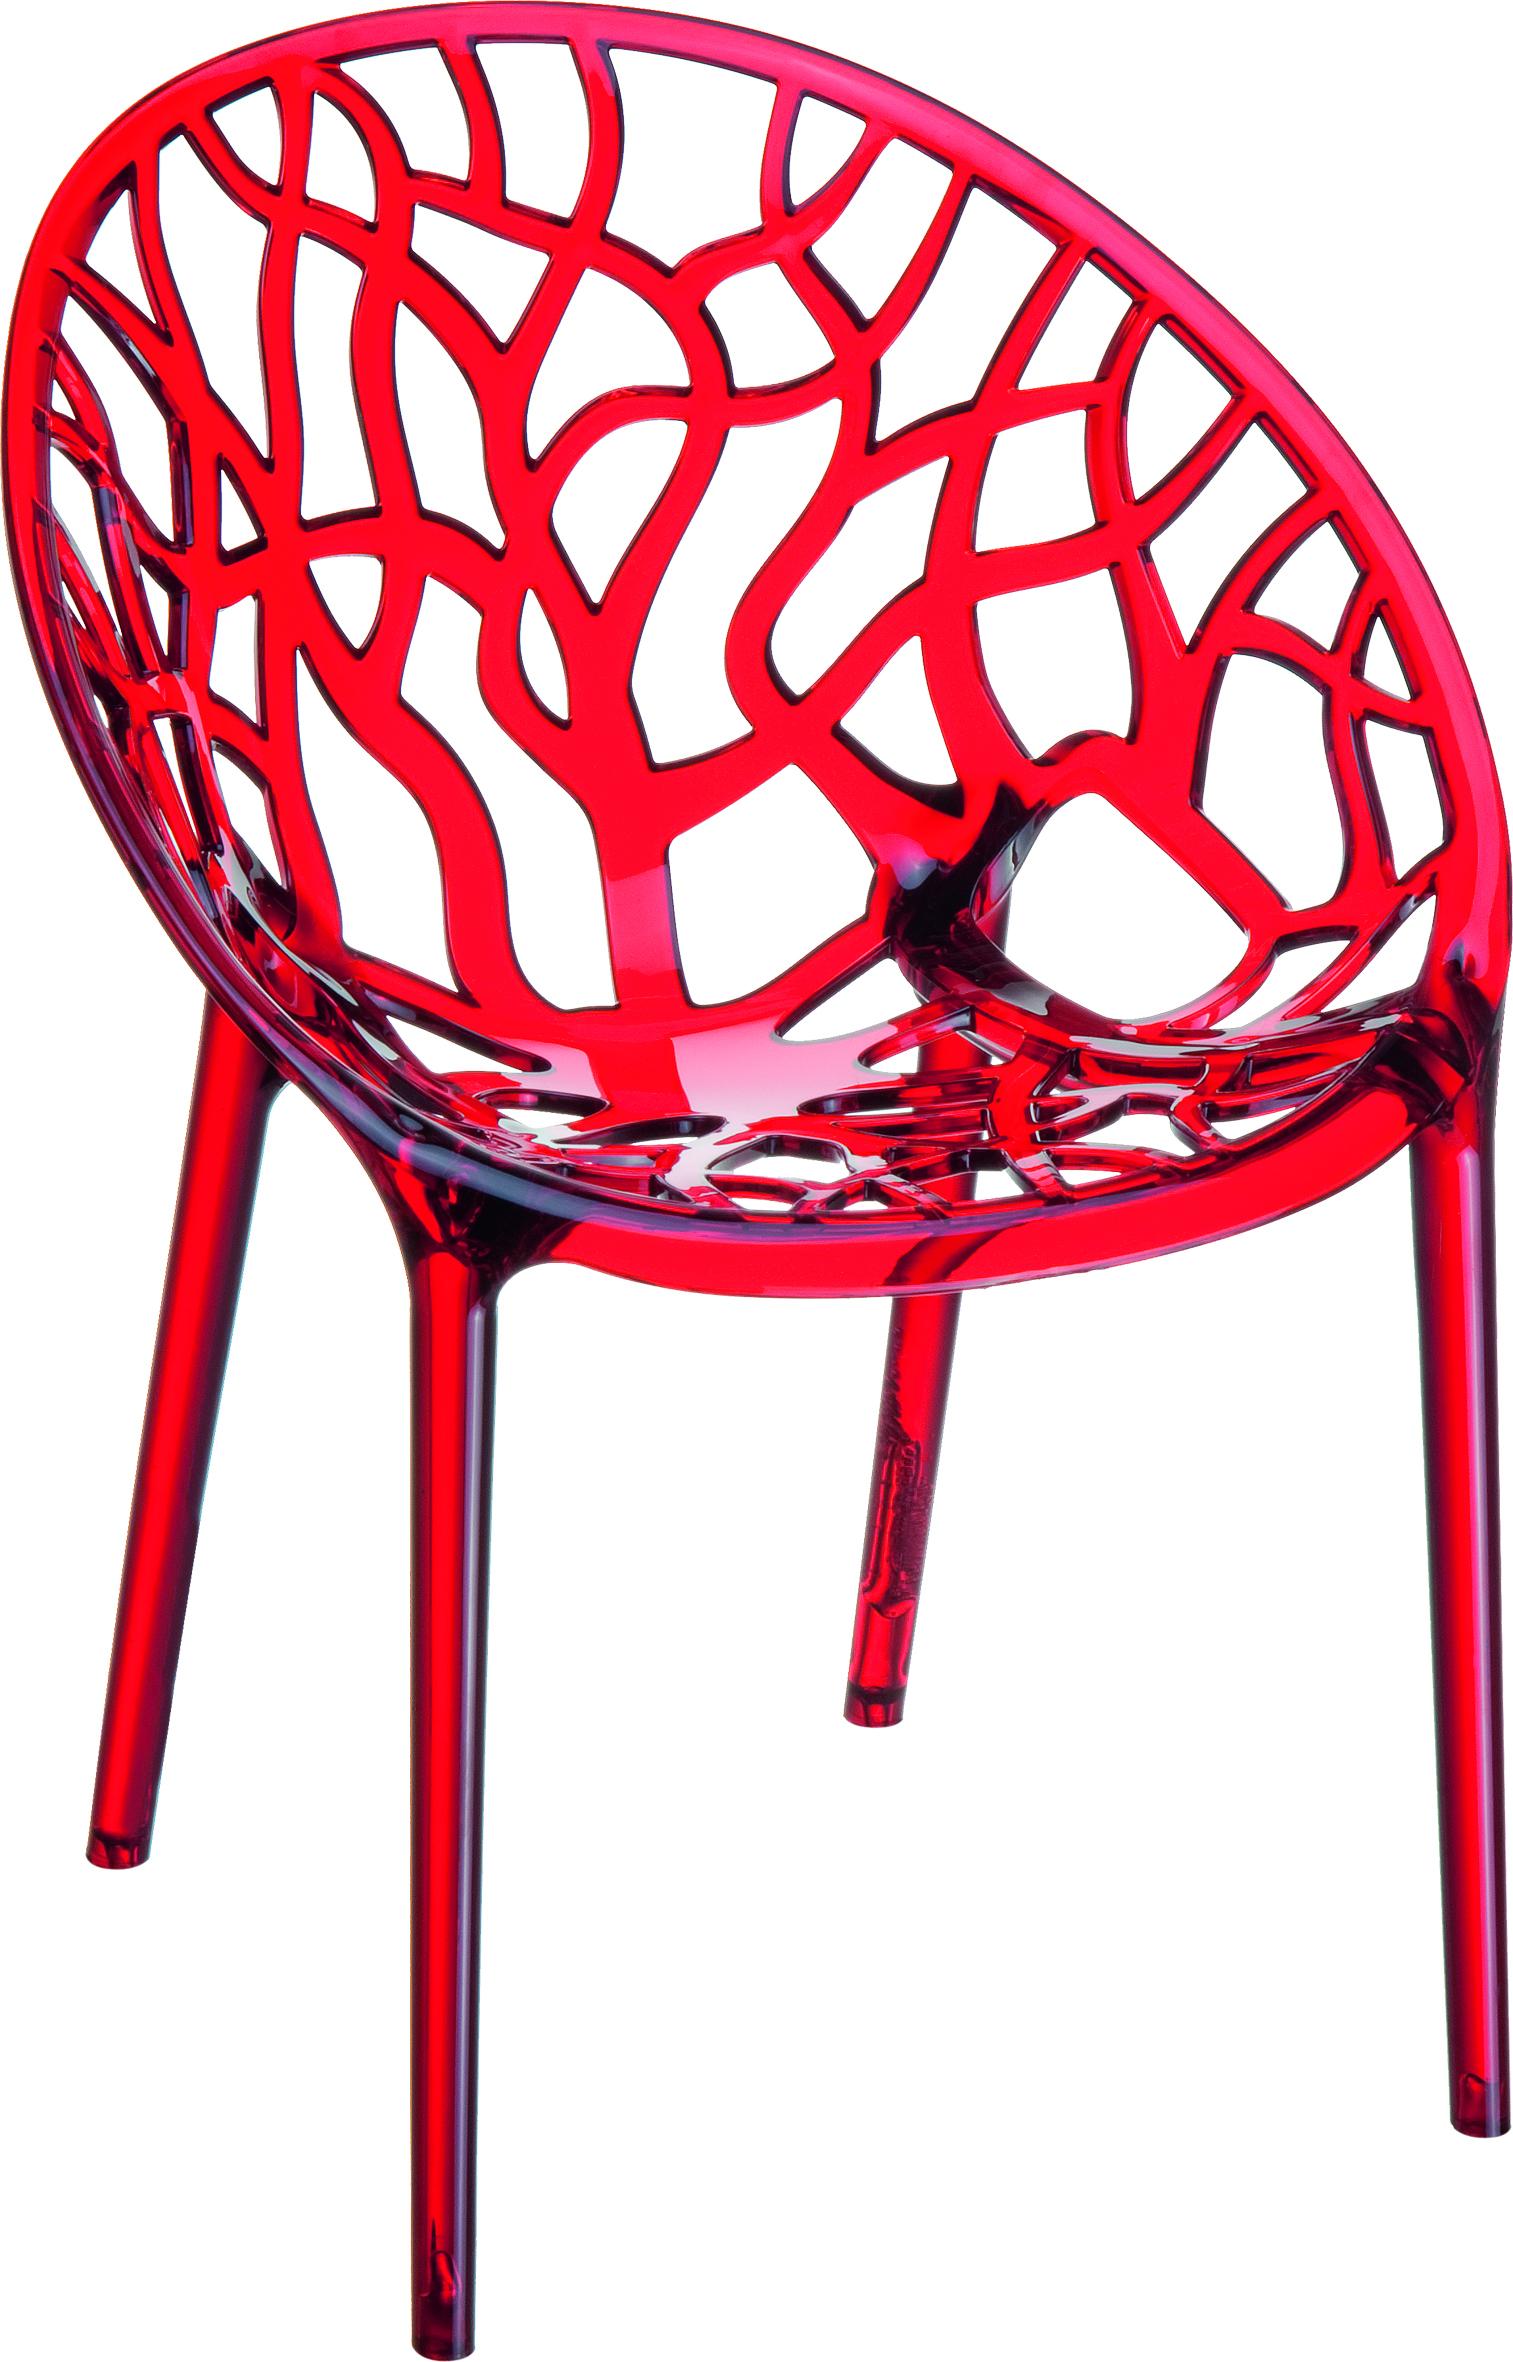 Πολυθρόνα Πολυκαρμπονική Κόκκινη – OEM – 1-CRYSTAL-4